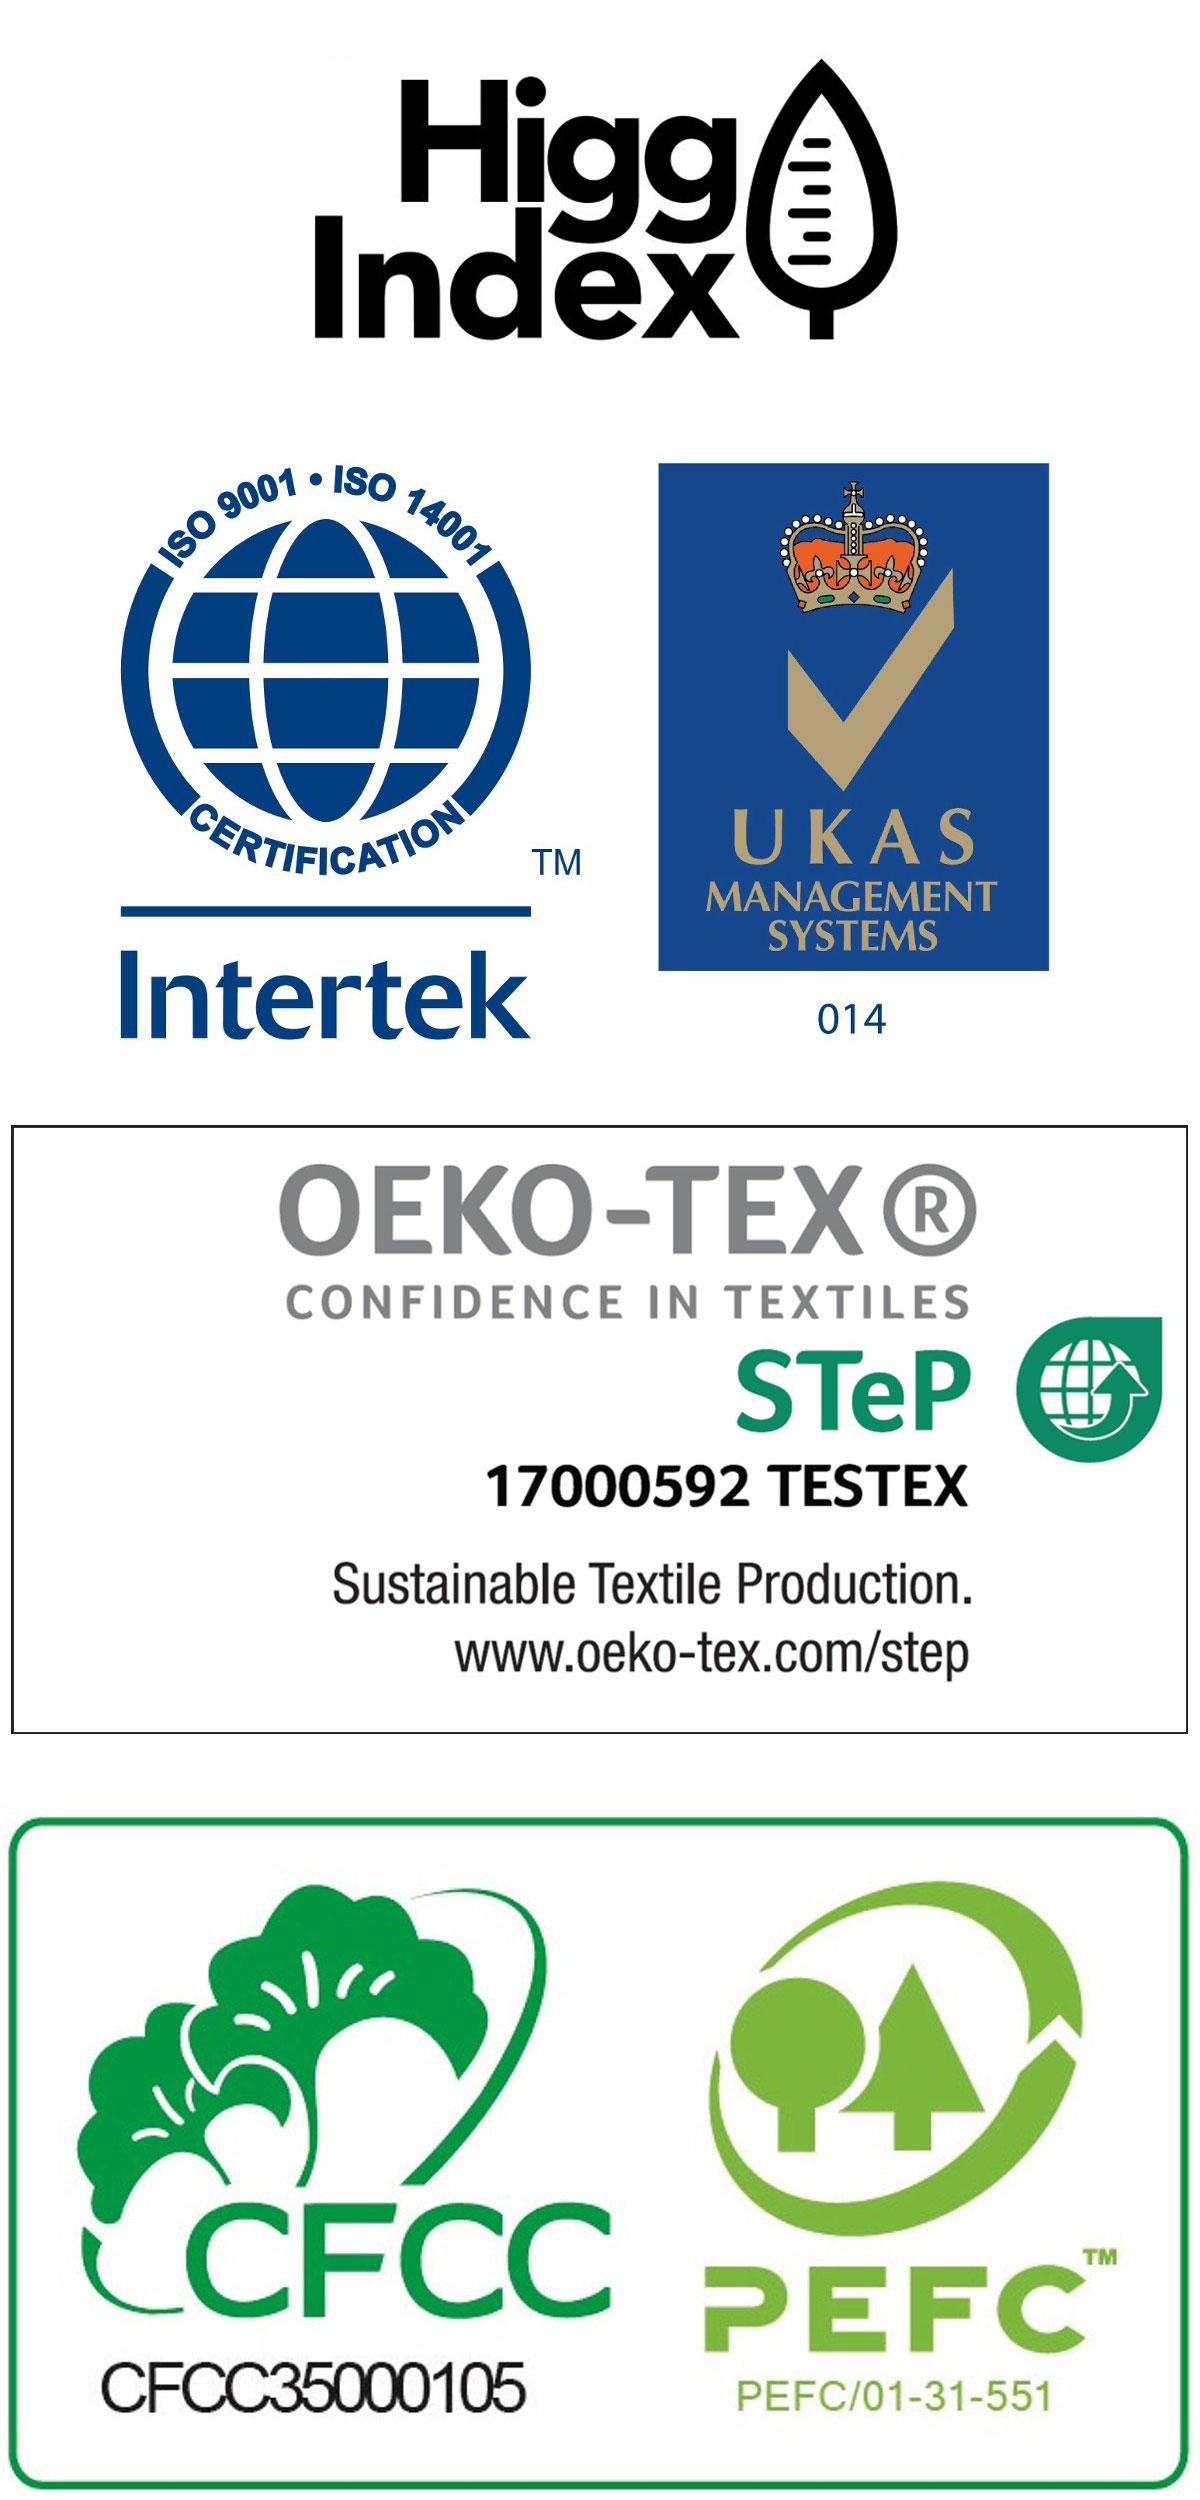 CFCC-PEFC Certification